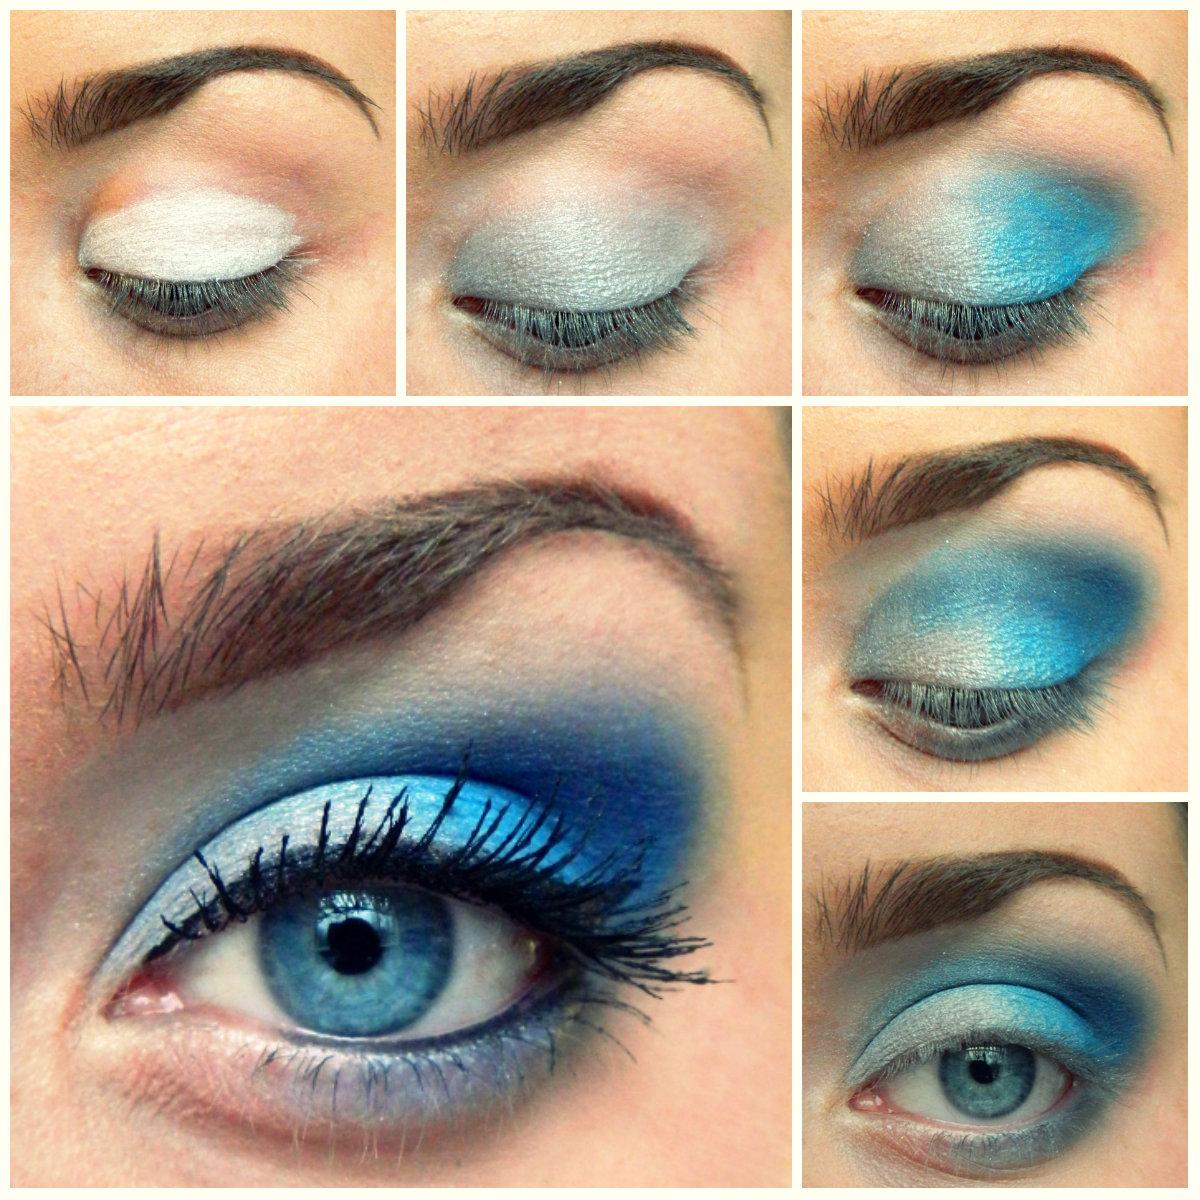 Макияж для голубыз глаз